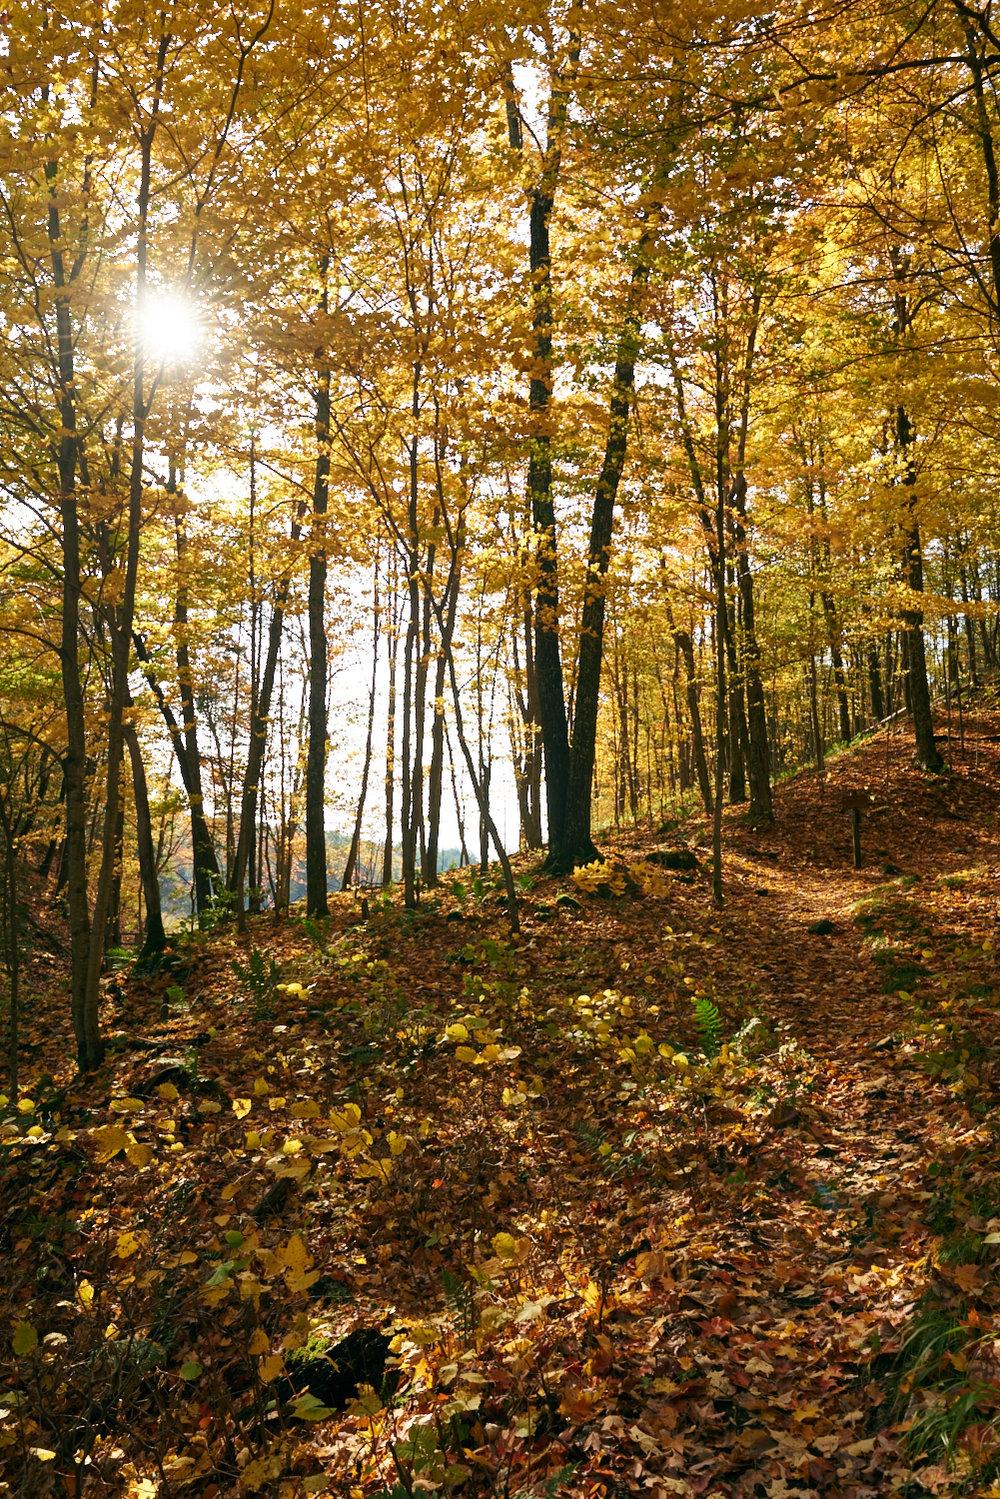 16-10-18_Frontennac_Autumn_DSC2839.jpg